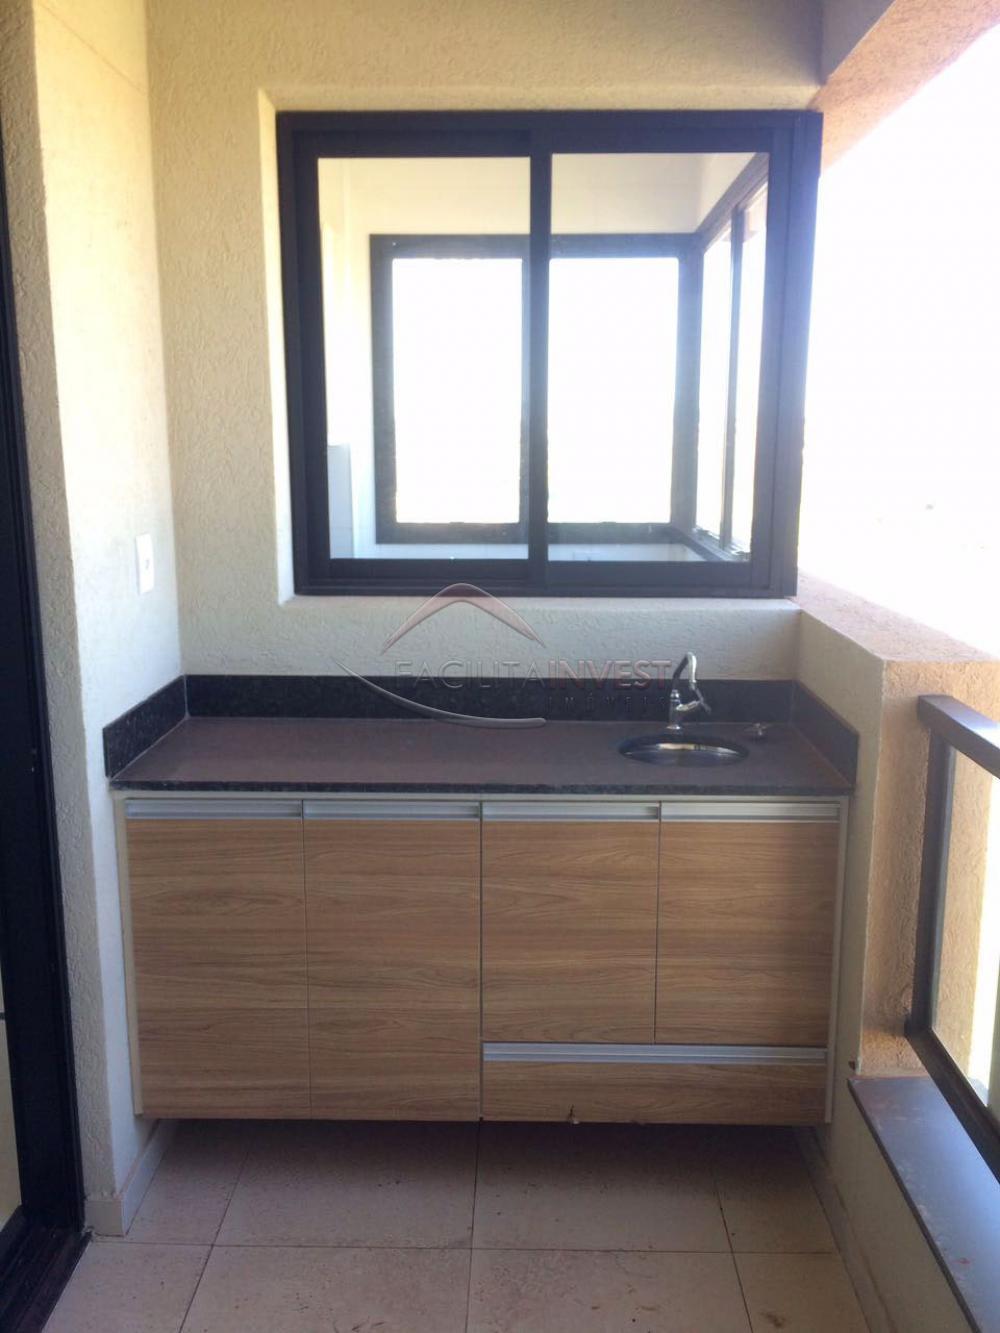 Comprar Apartamentos / Apart. Padrão em Ribeirão Preto apenas R$ 269.000,00 - Foto 5